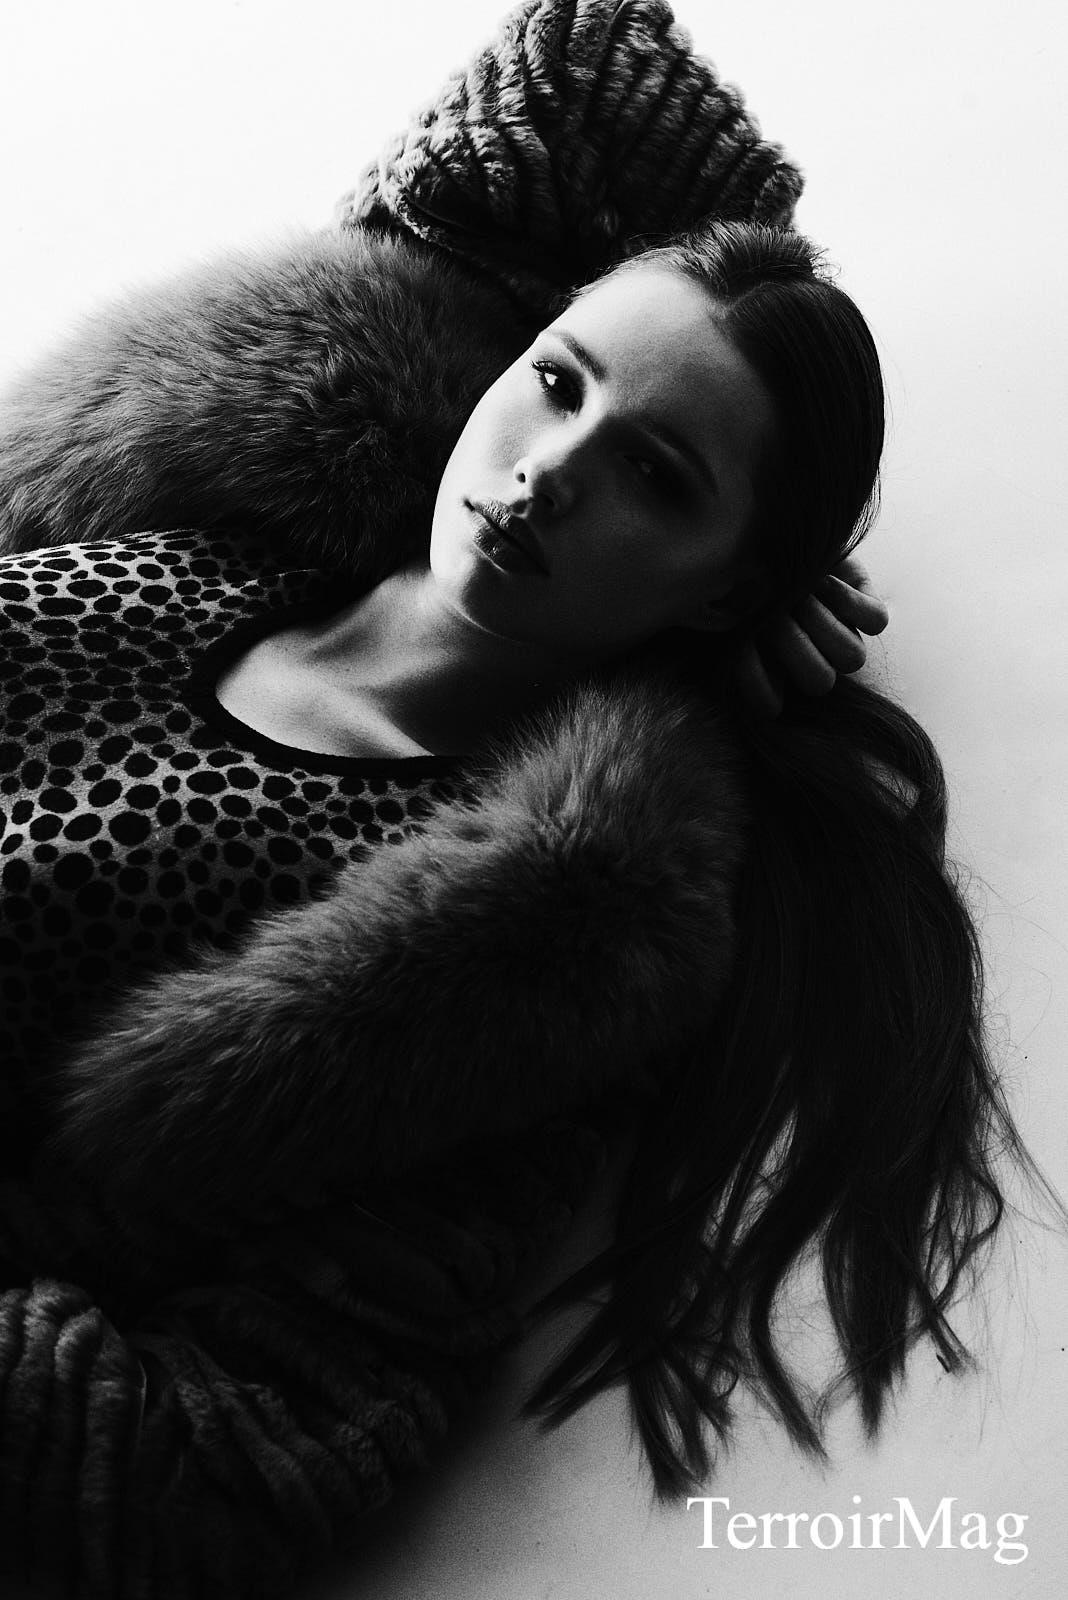 Shirt - Moschino Pants - Versace Fur Coat - Michaela Fur